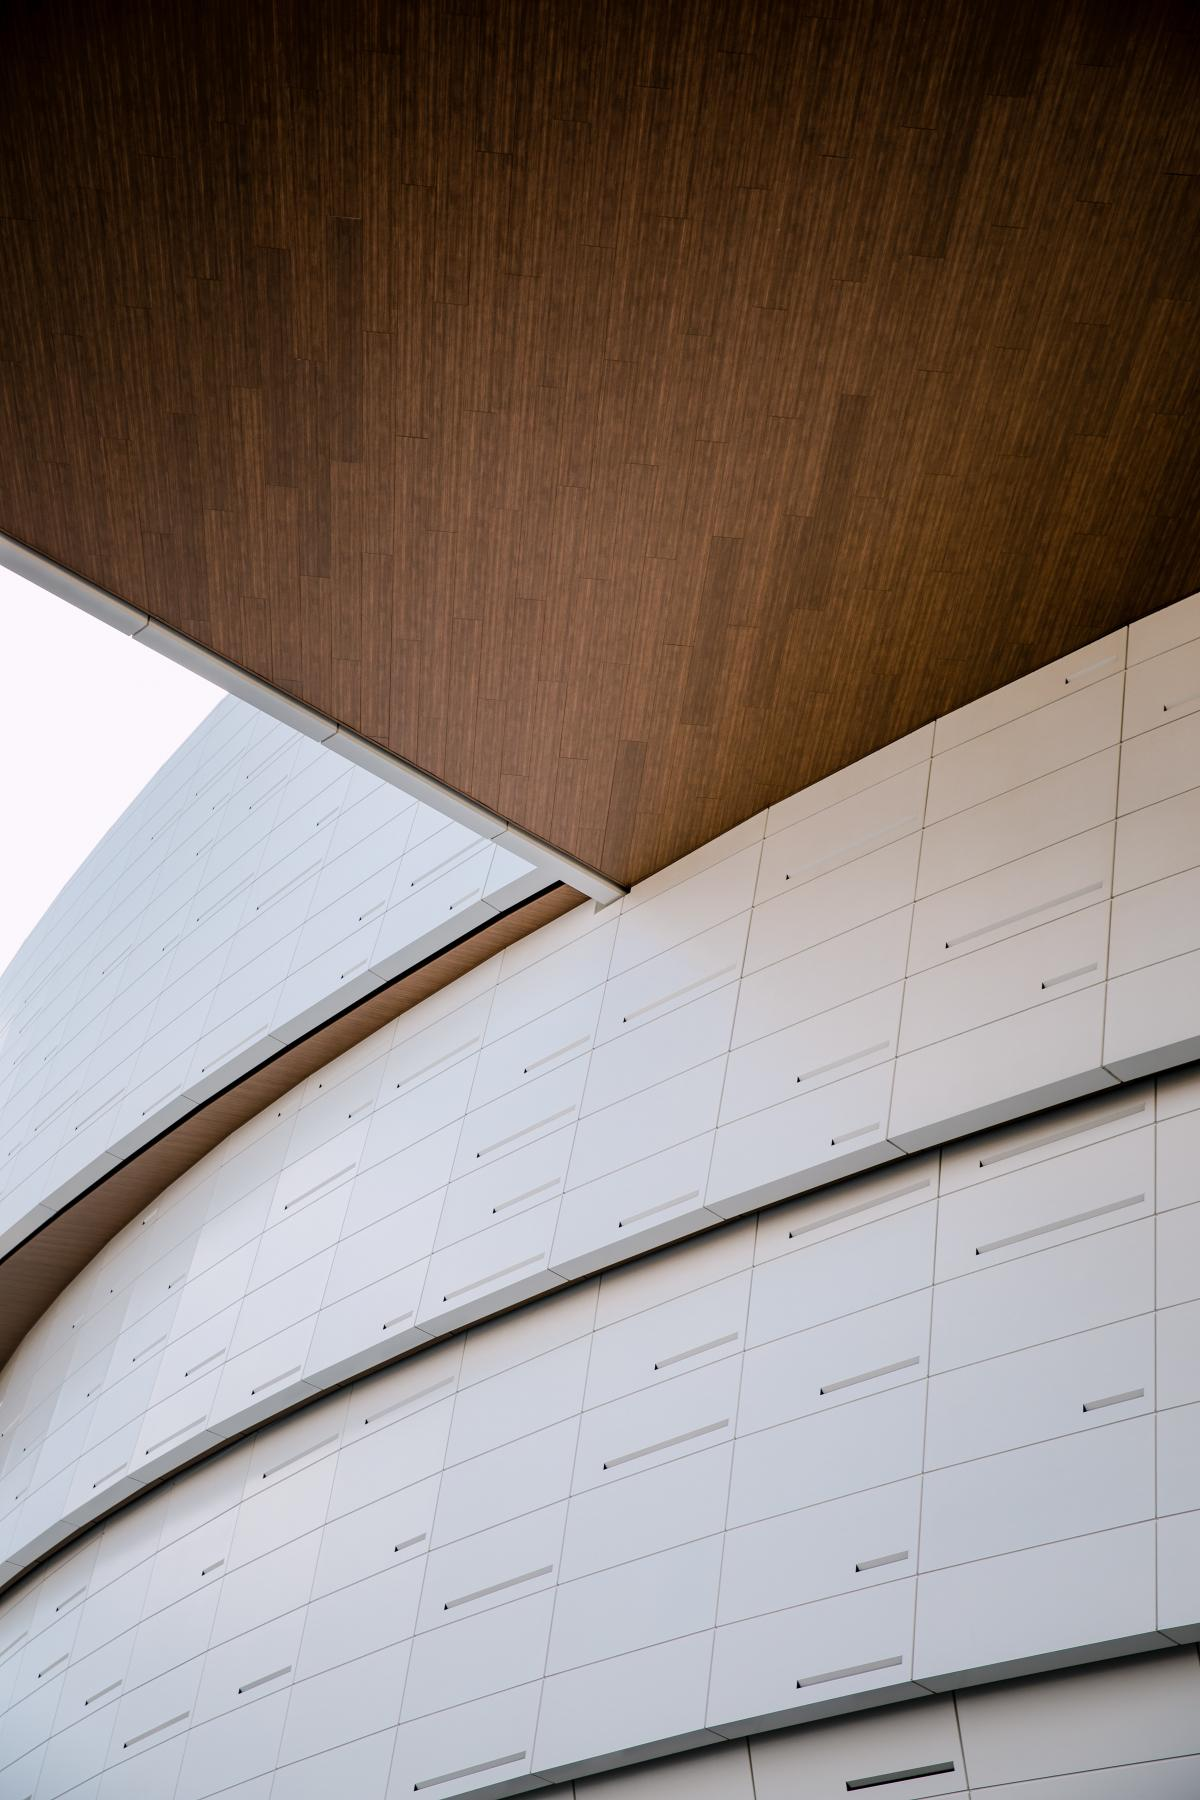 Wall Design Architecture